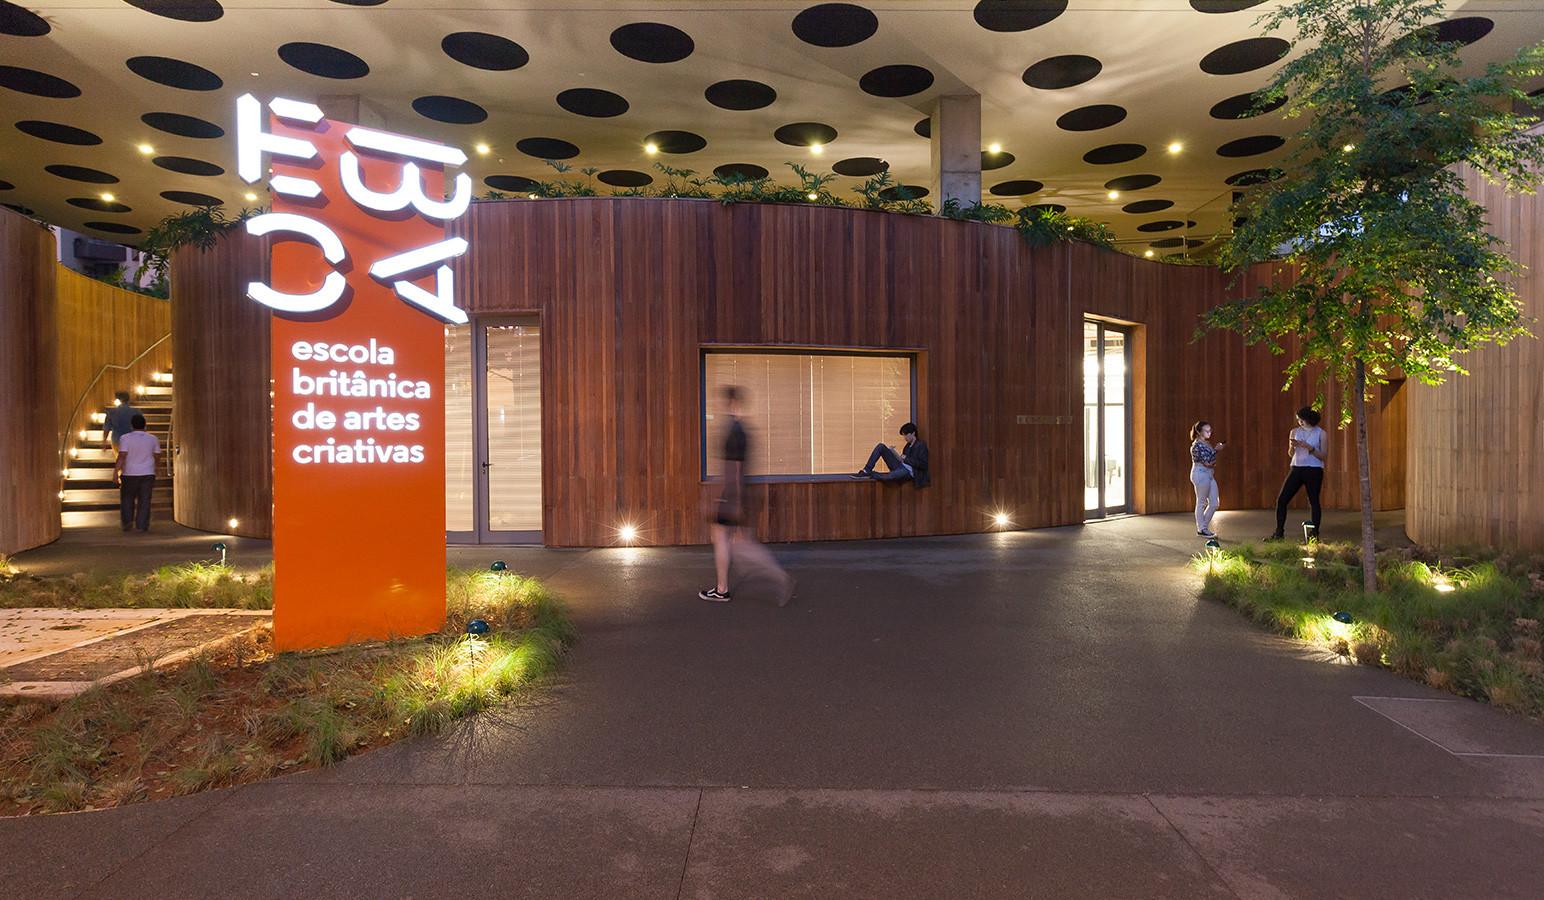 Imagem de Escola Britânica de Artes Criativas Imagem 3